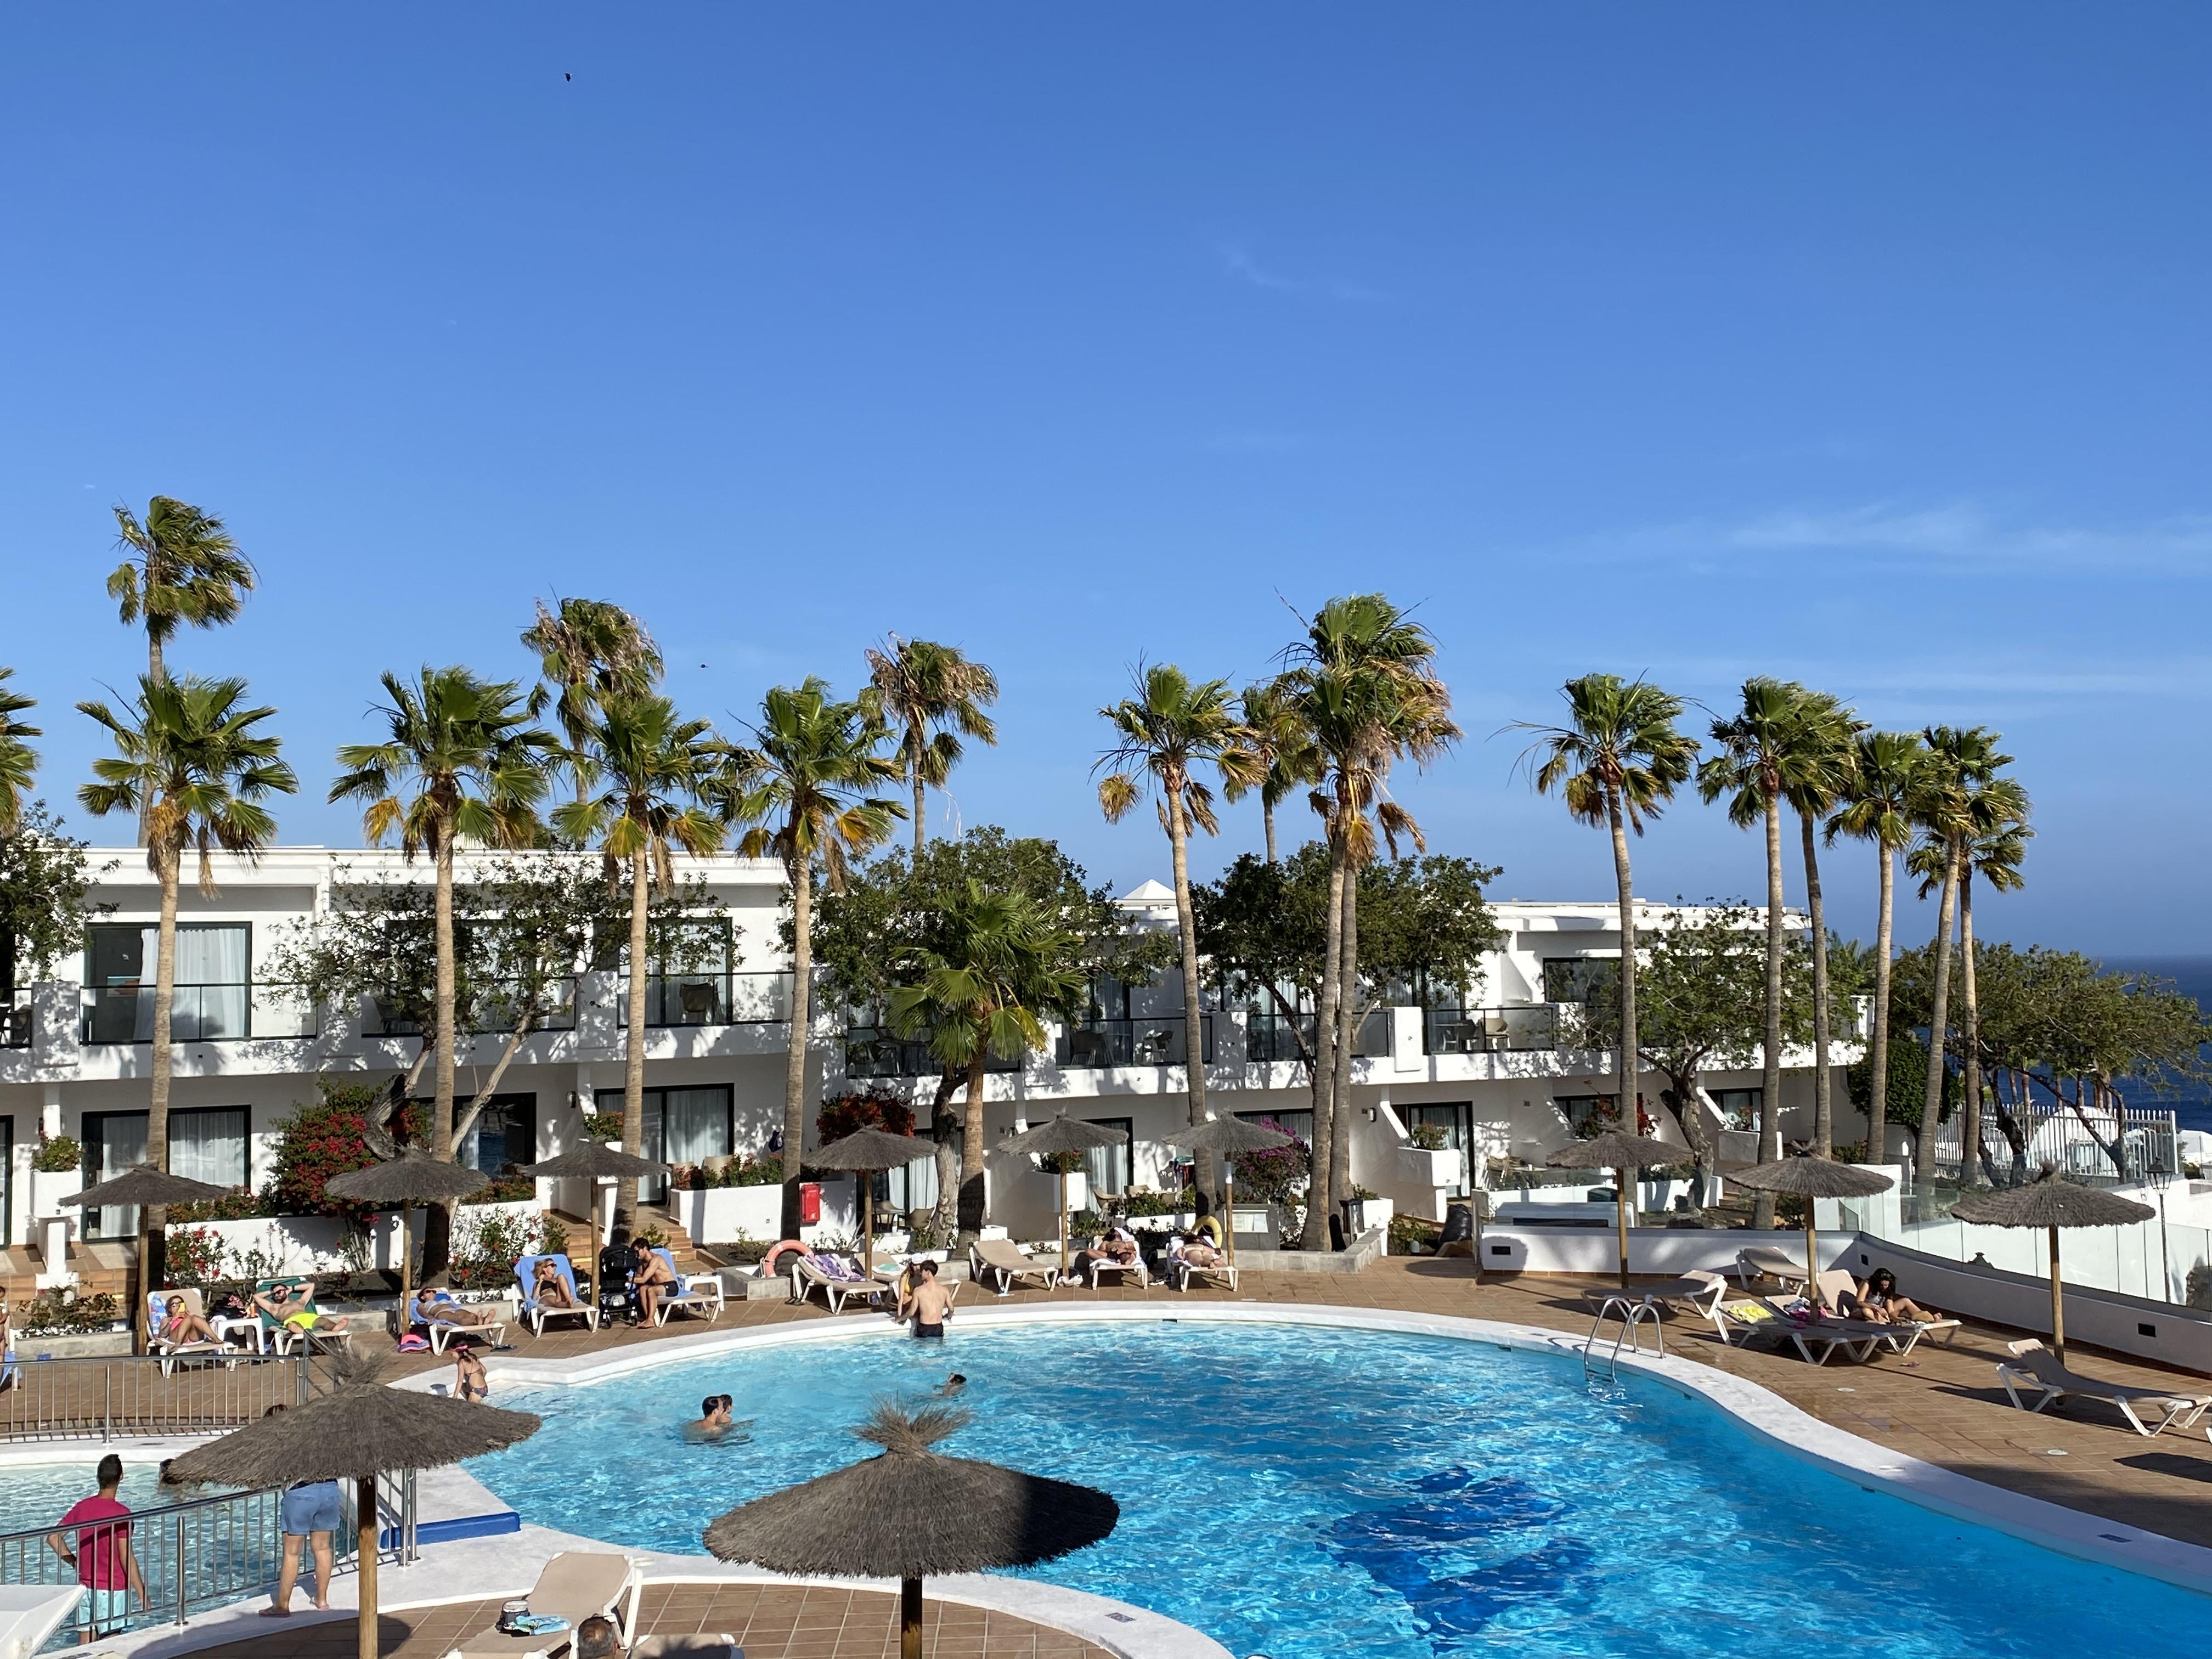 hotel puerto del carmen, lanzarote, canaries